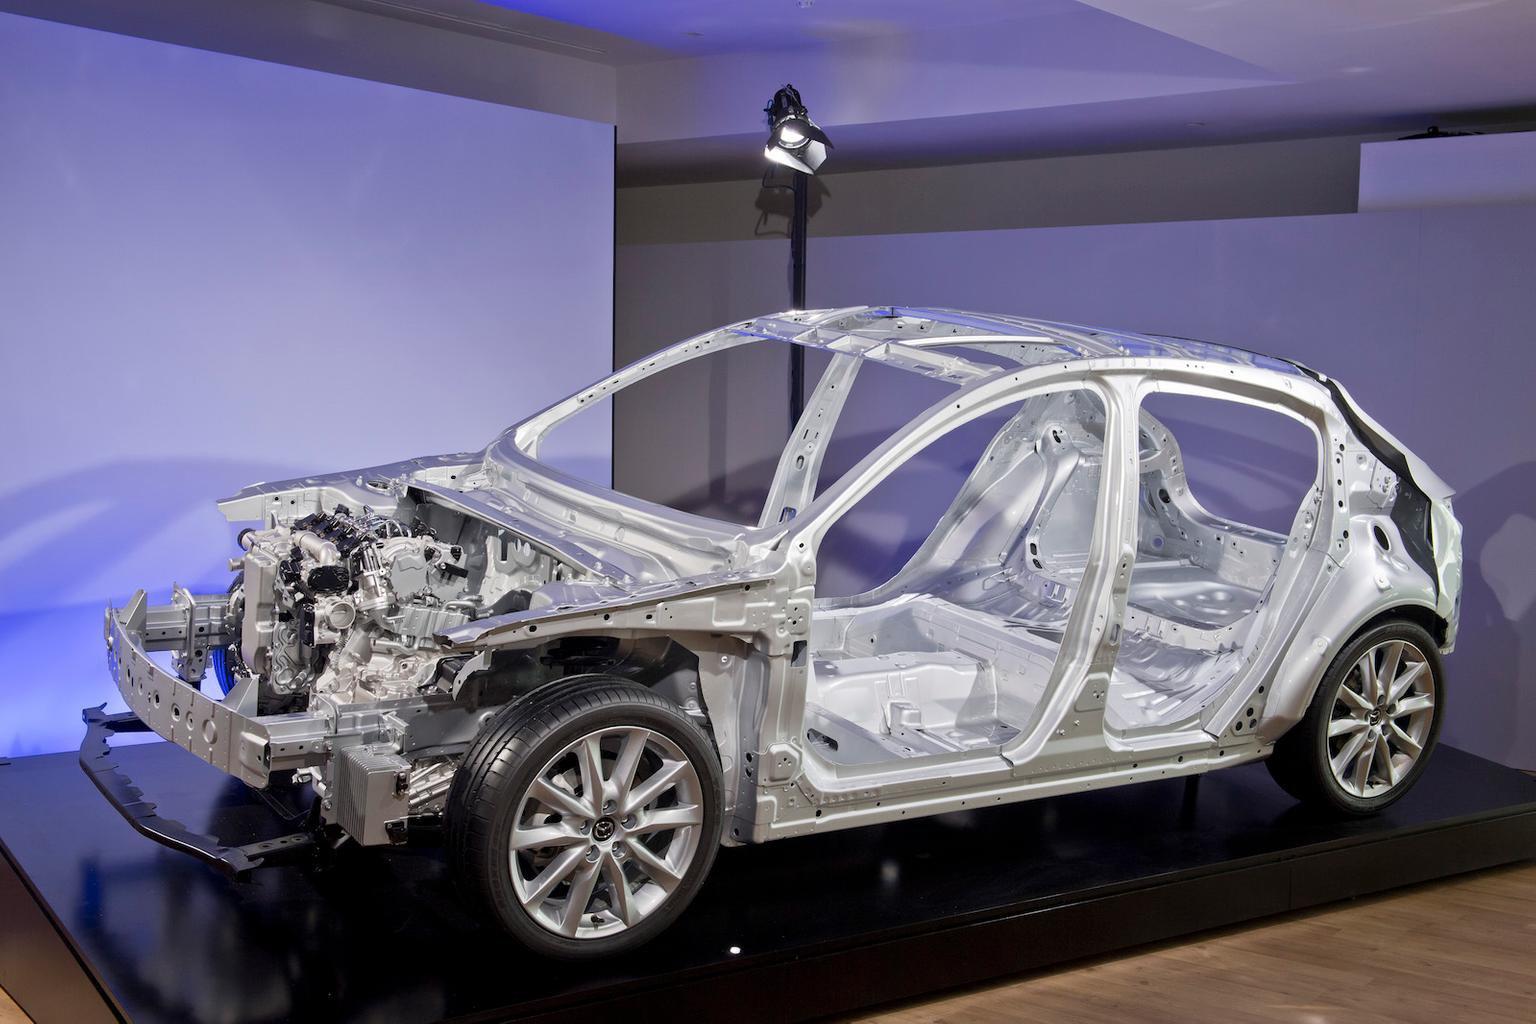 2018 Mazda 3 Skyactiv-X prototype - verdict